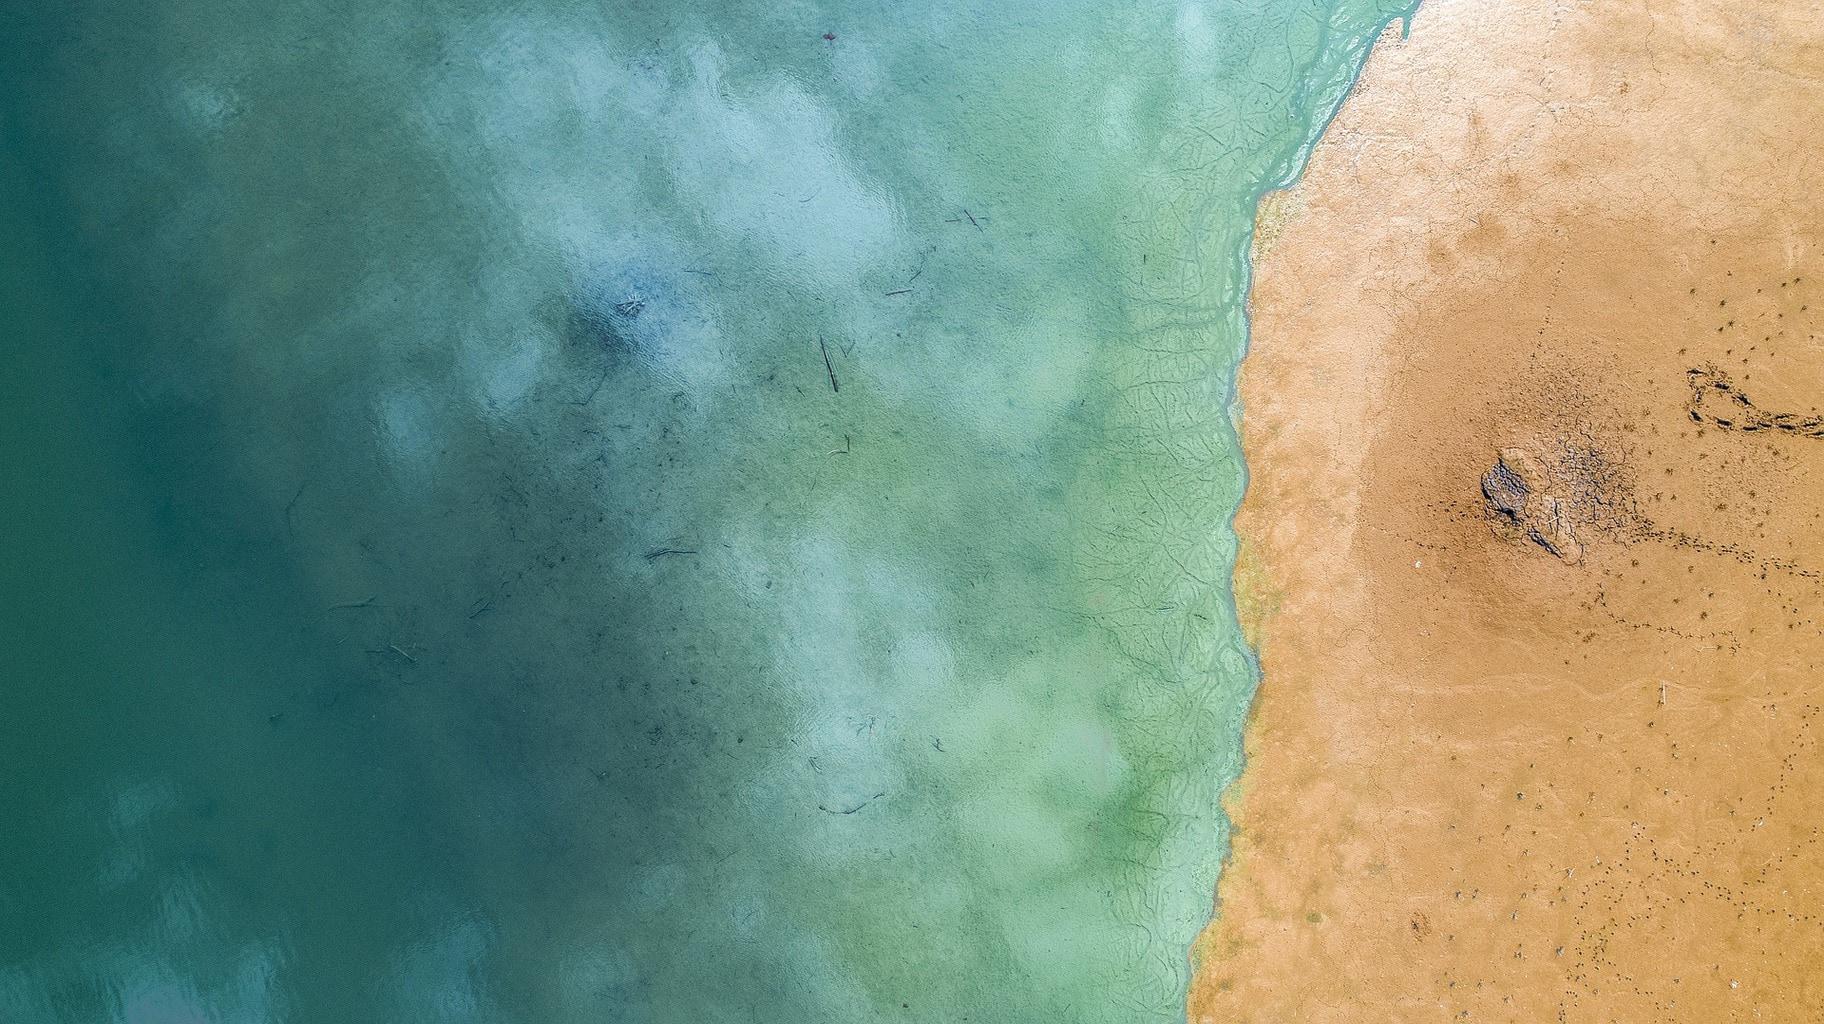 fotgrafía aérea del mar